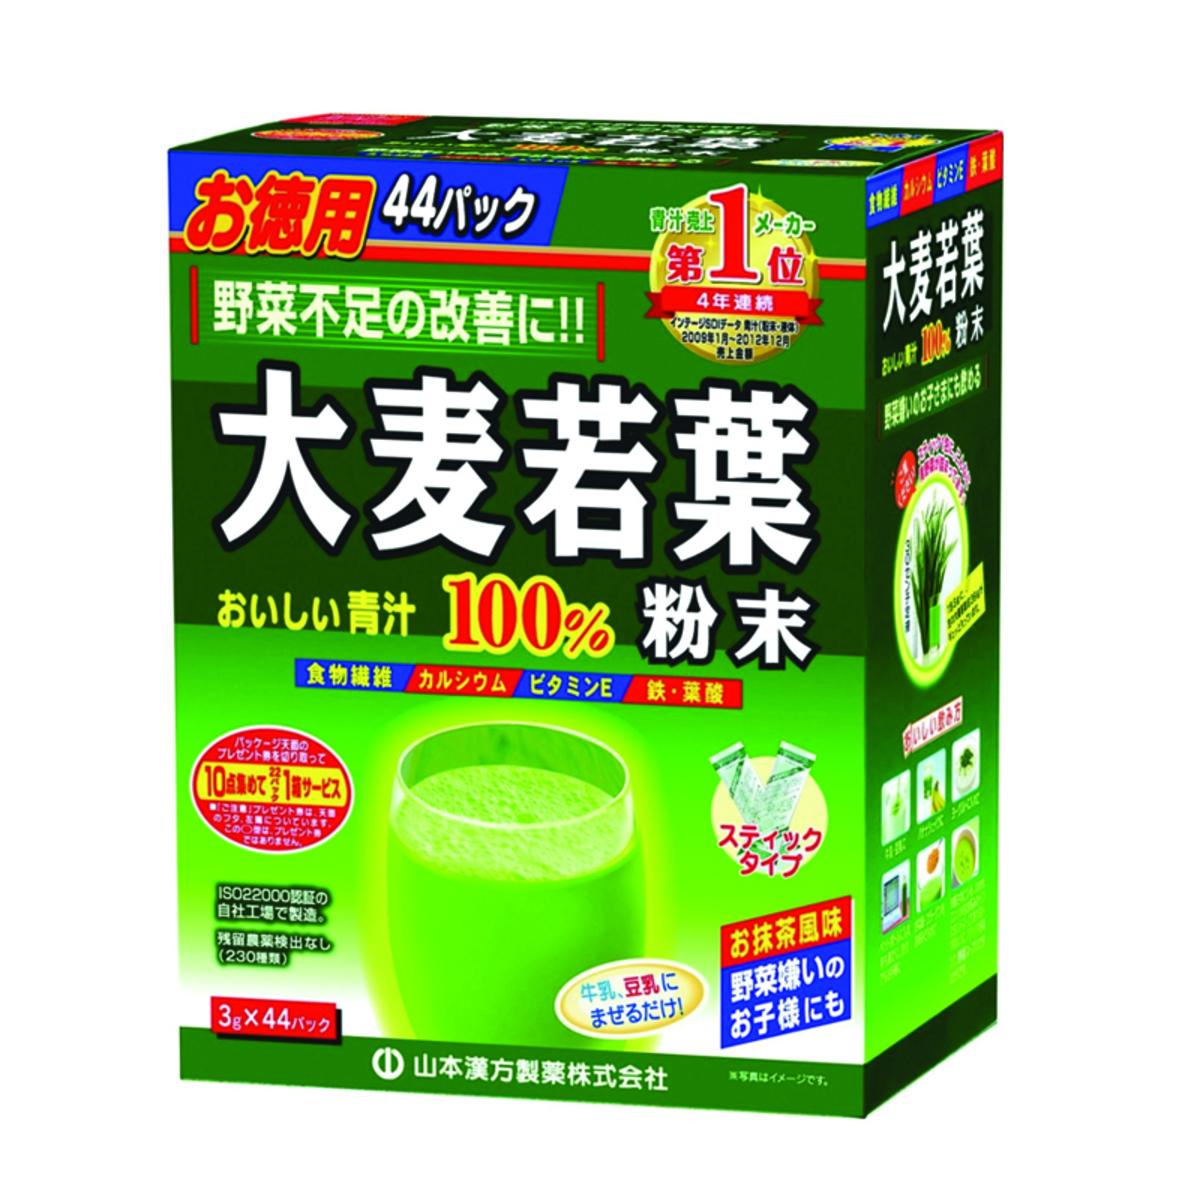 山本漢方 大麥若葉粉末 (3g x 44包)